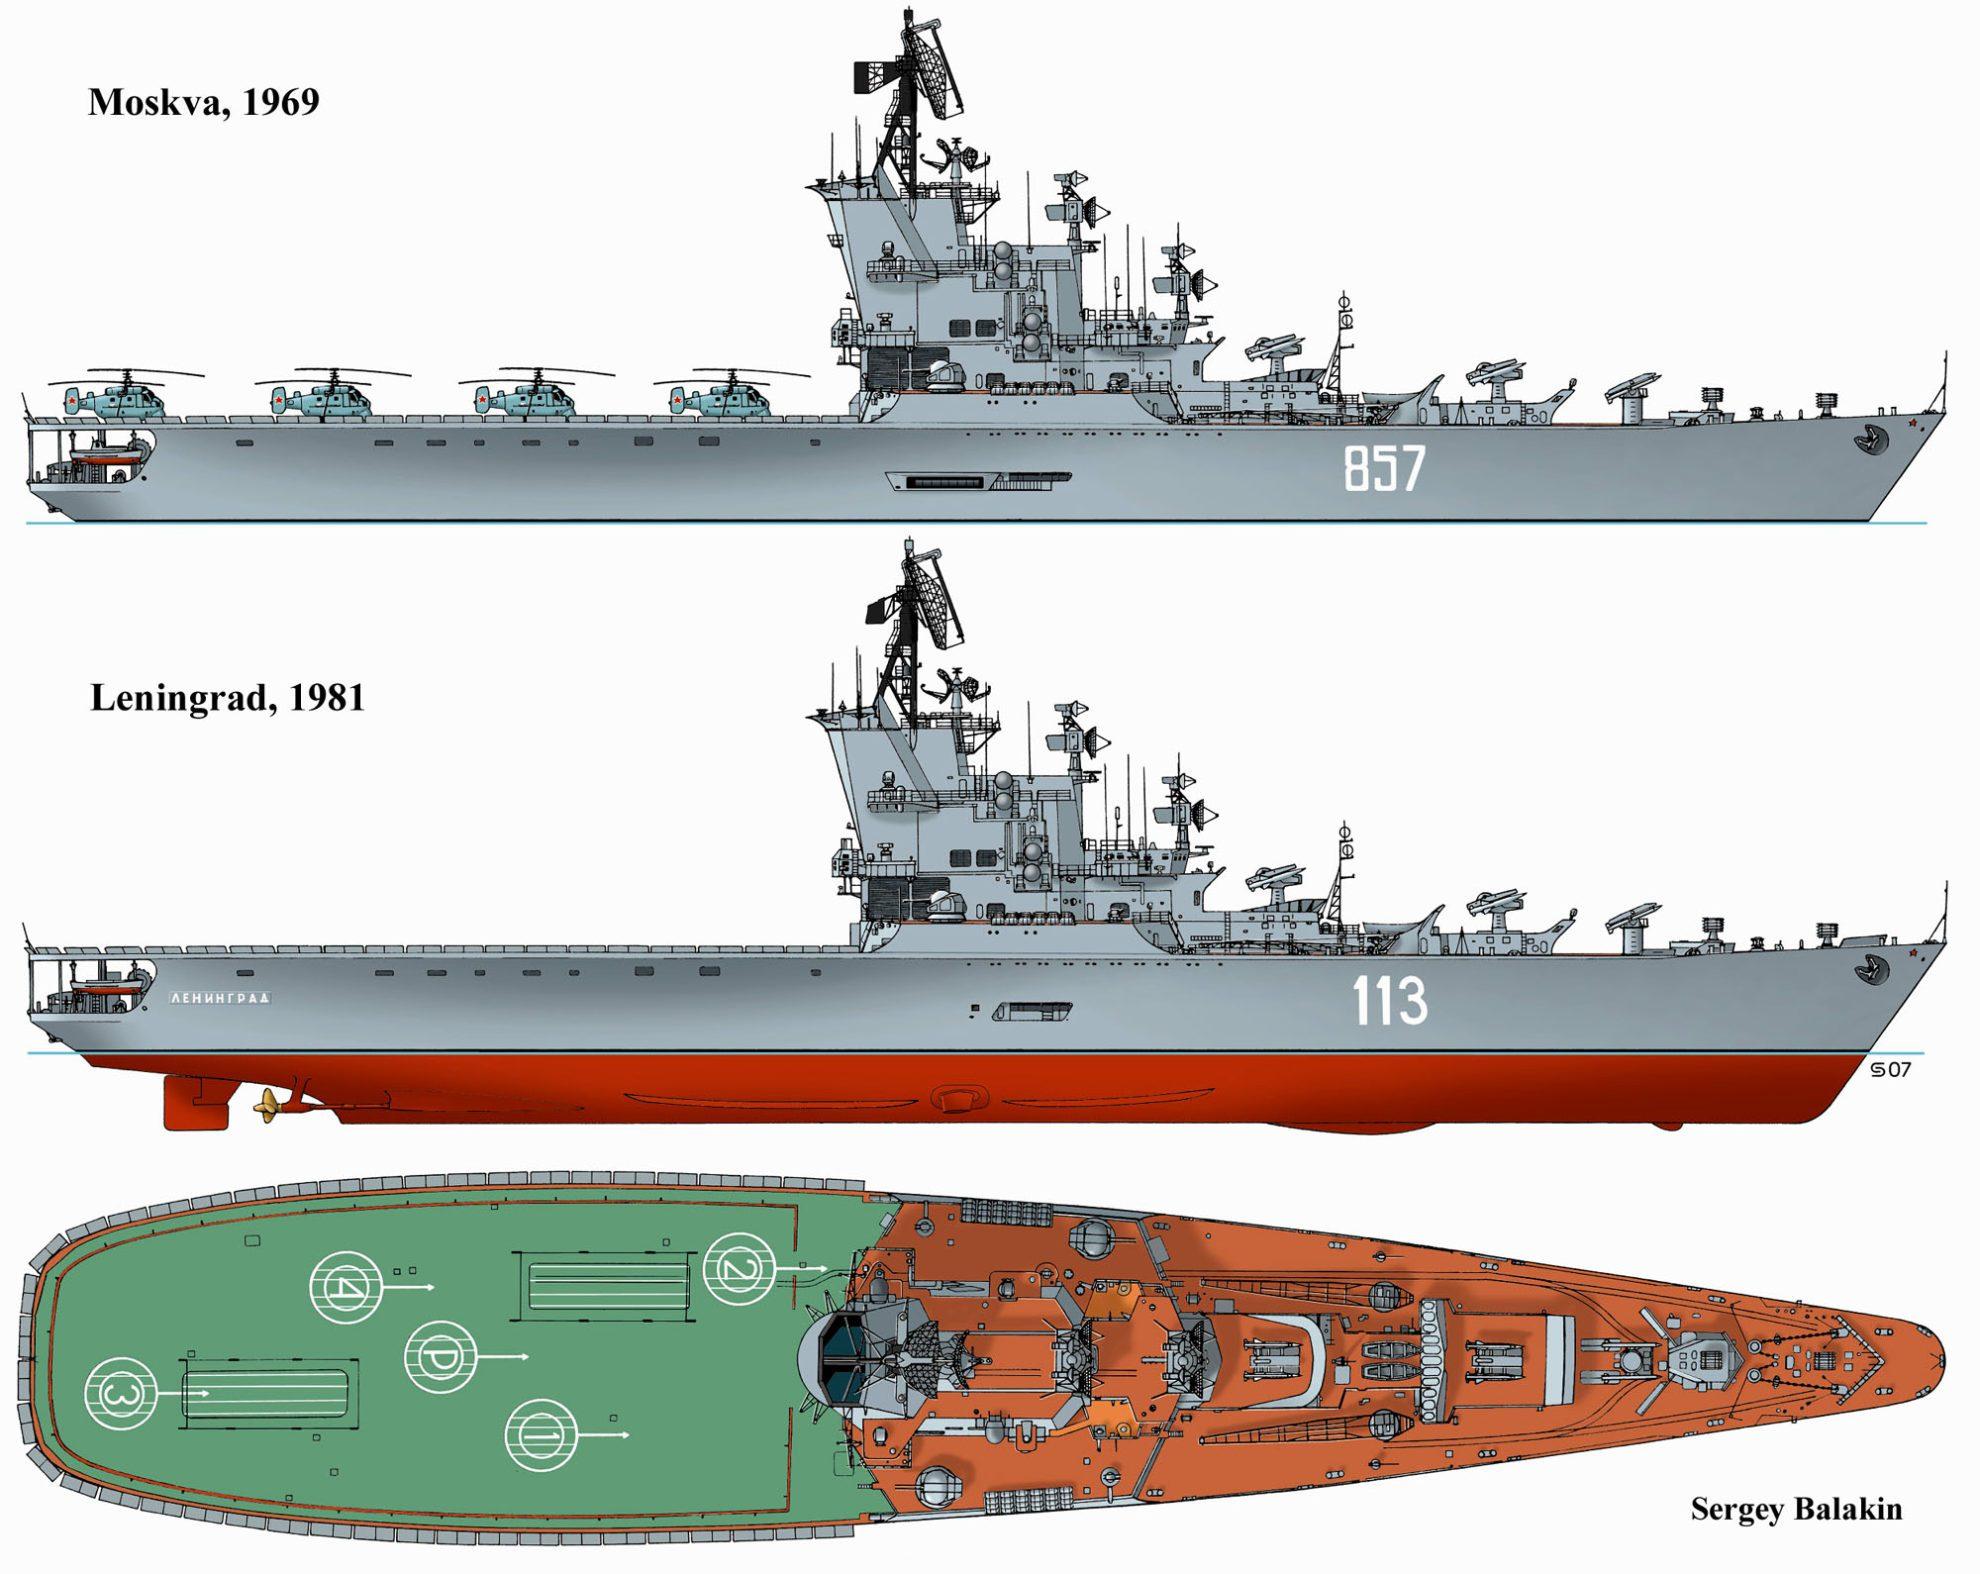 противолодочные крейсера «Москва» и «Ленинград»